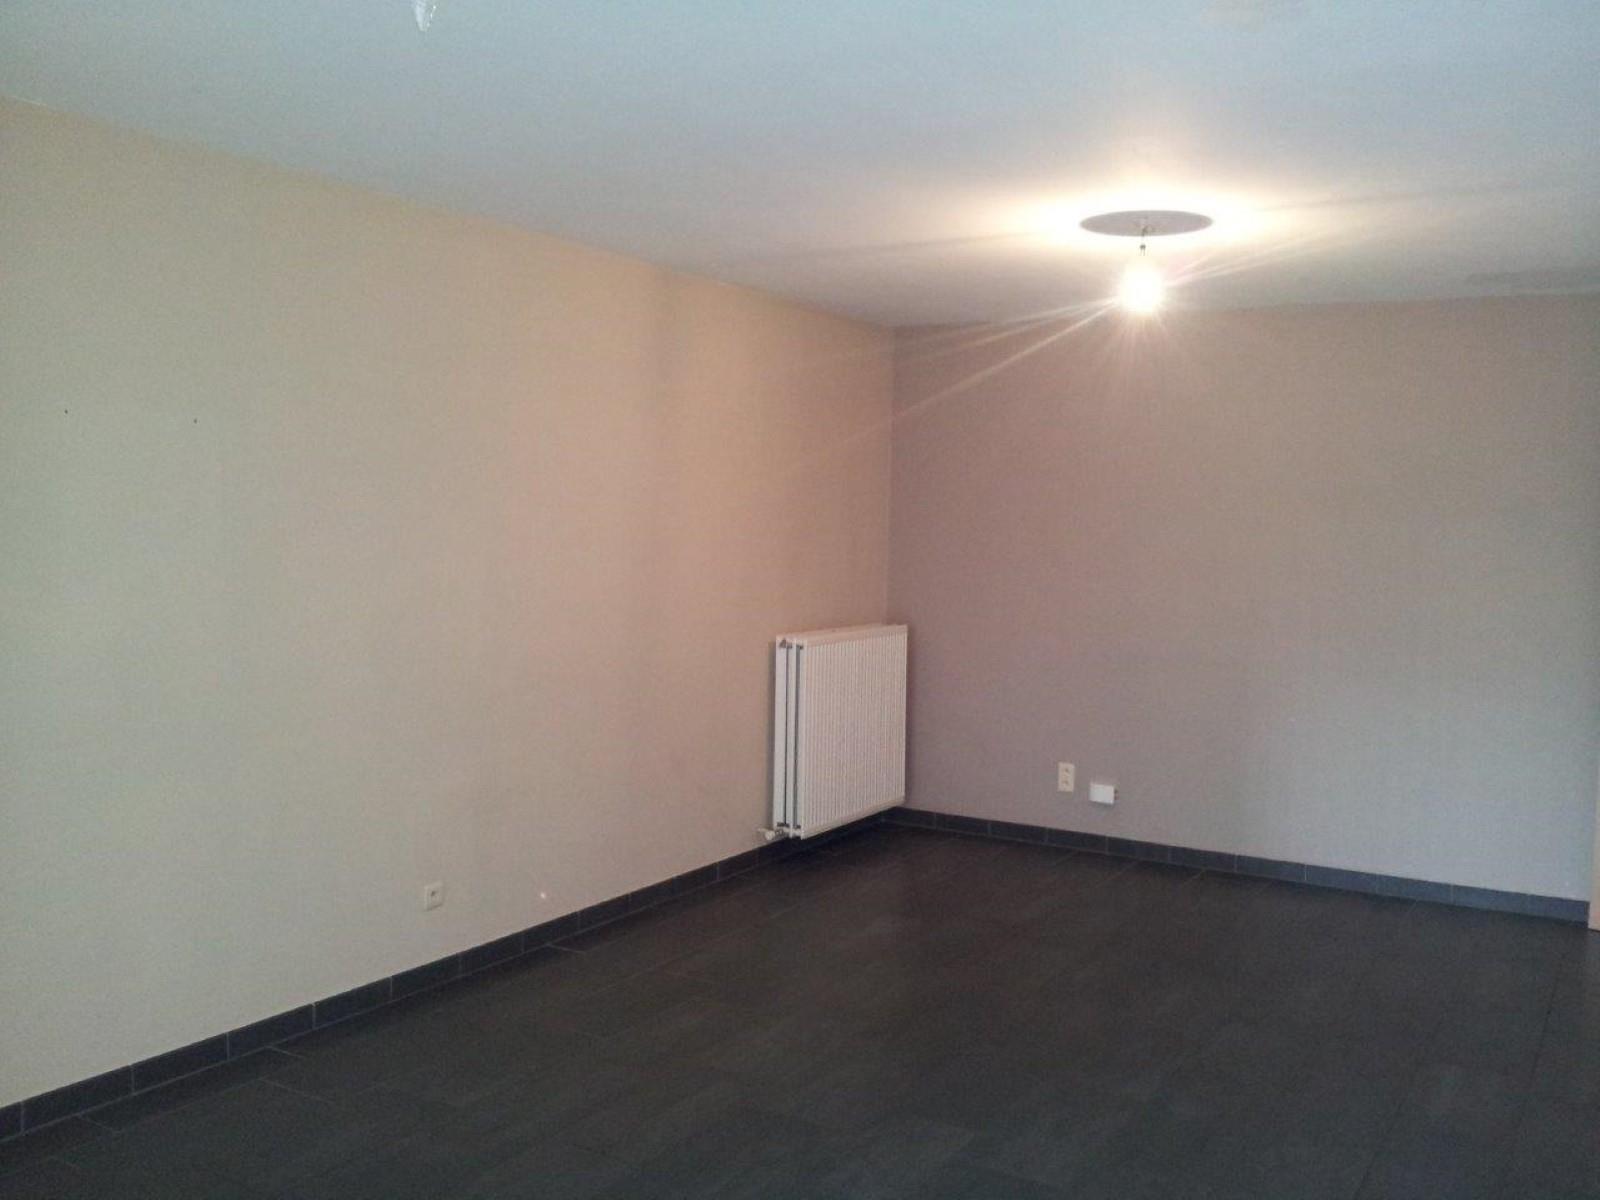 Appartement - Berchem-Sainte-Agathe - #3600663-2